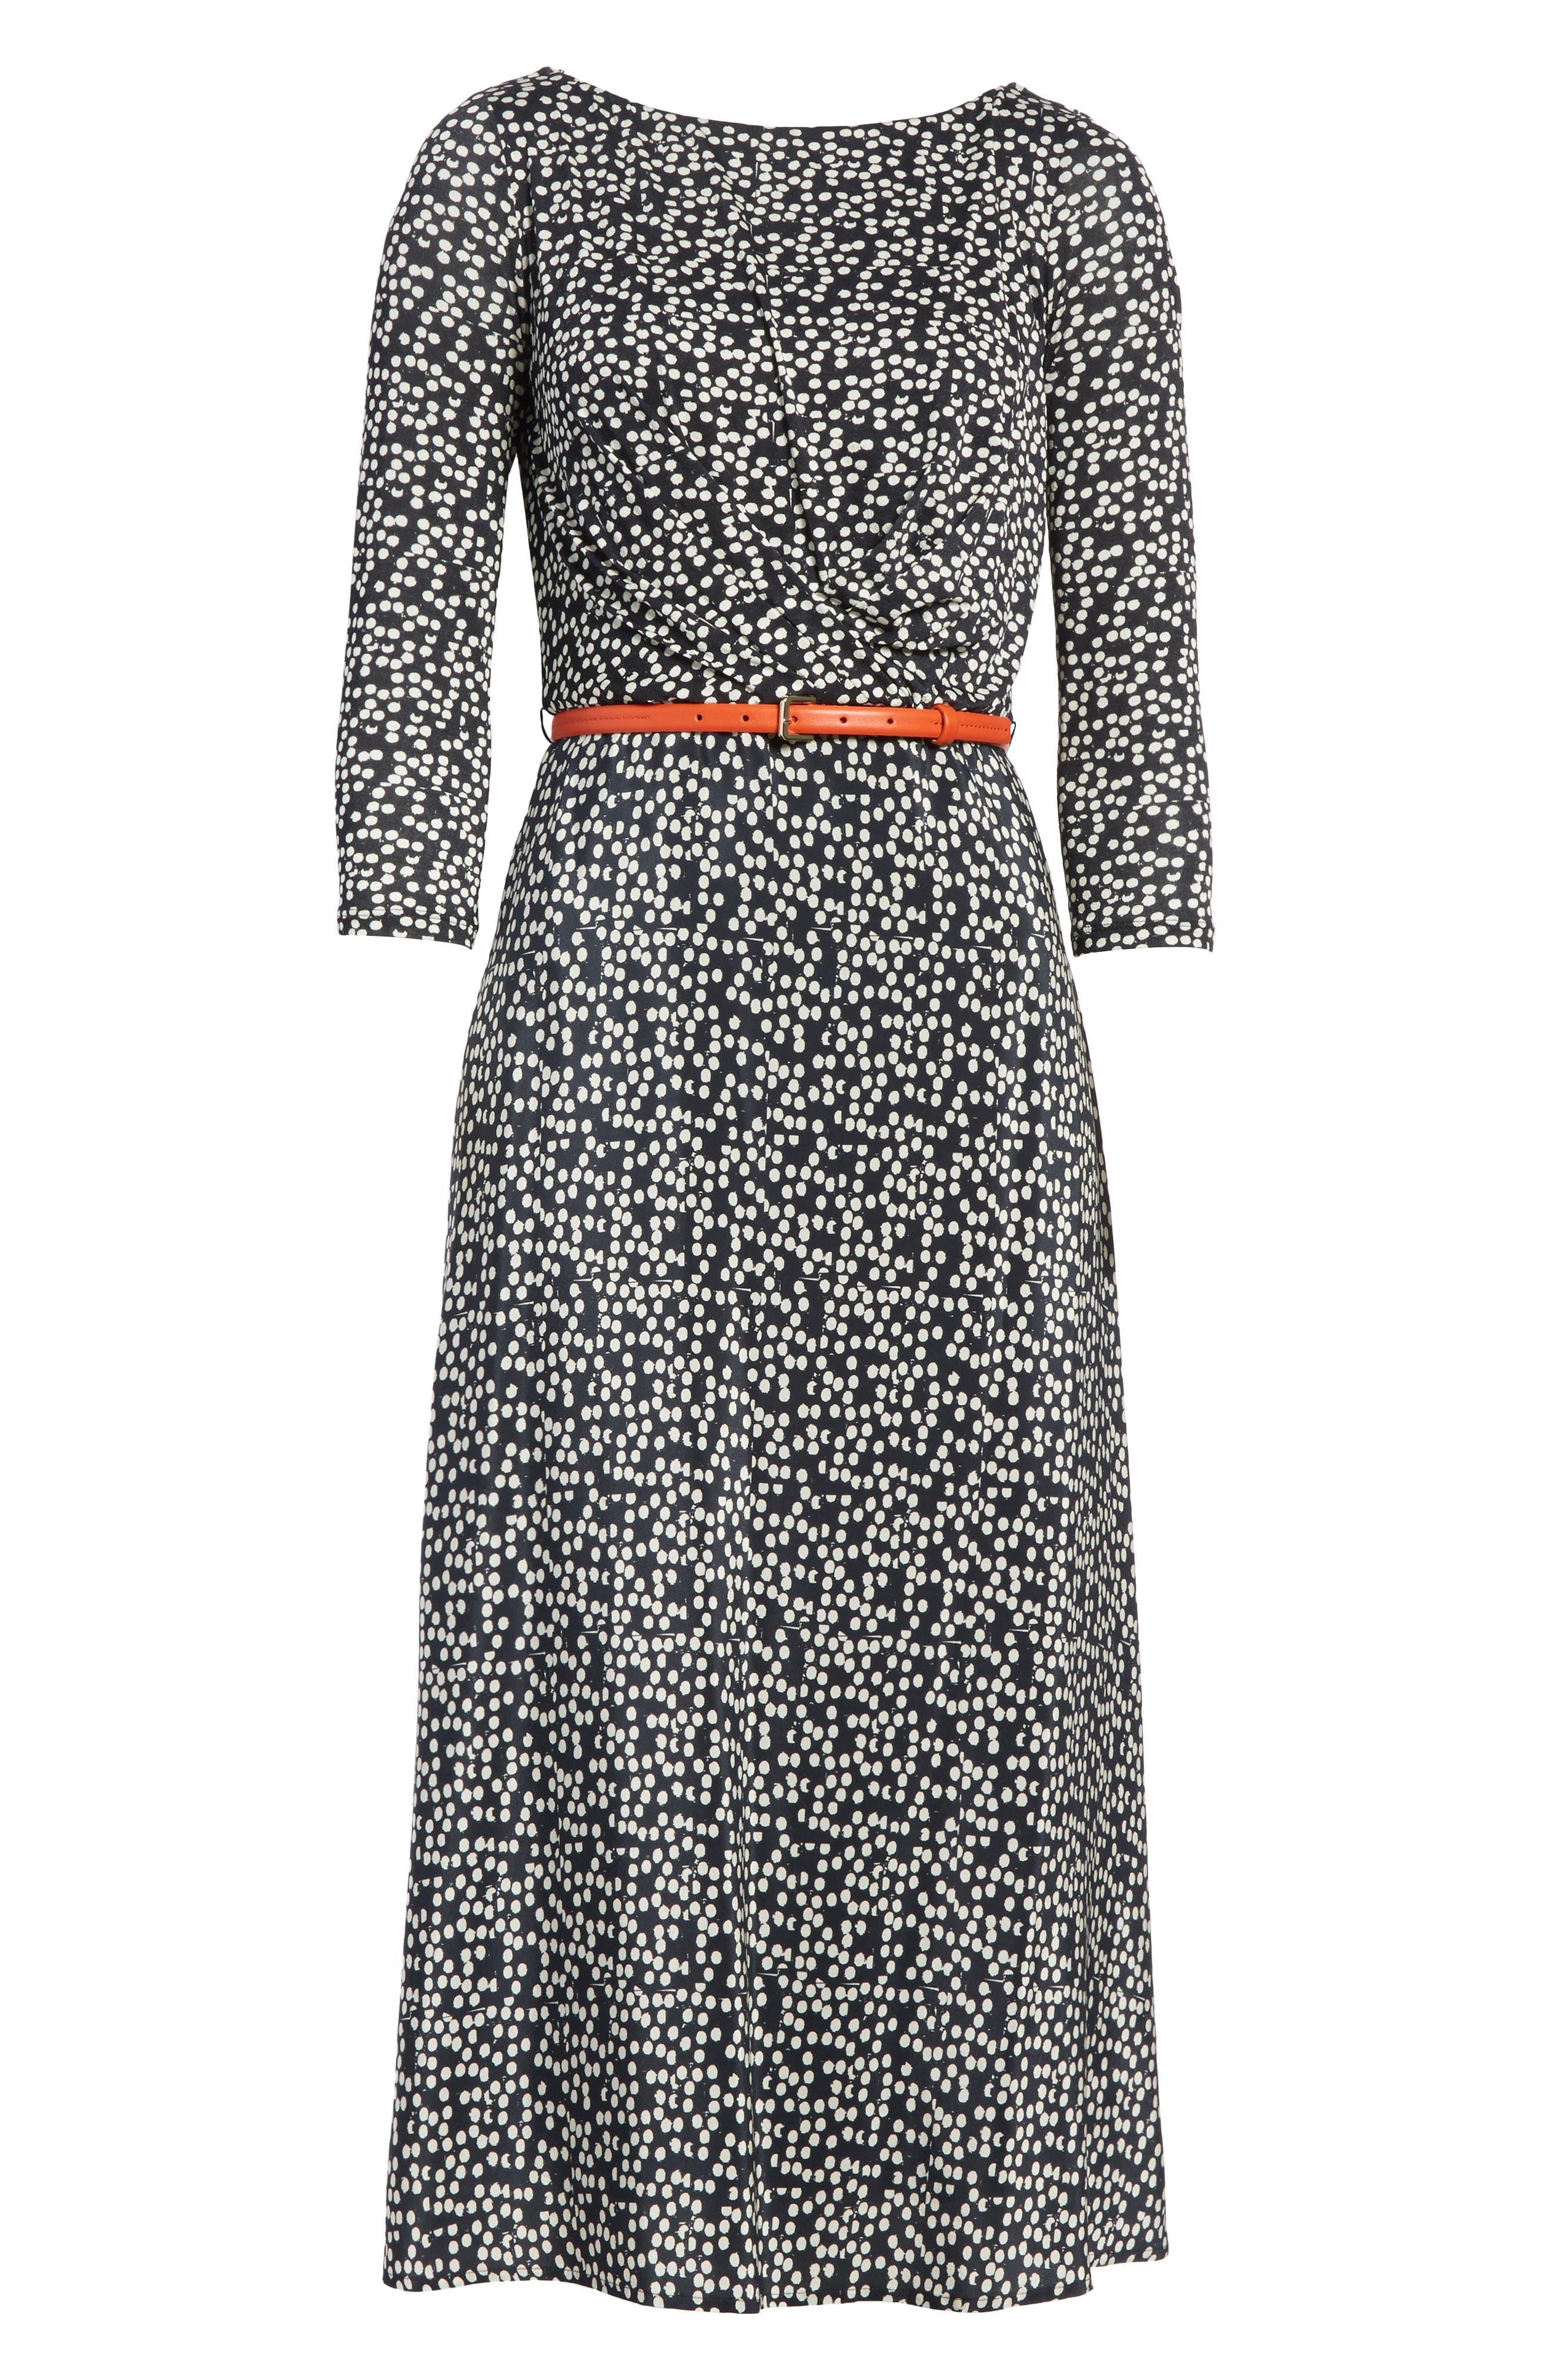 Peter Dot Print Midi Dress,                             Alternate thumbnail 6, color,                             001